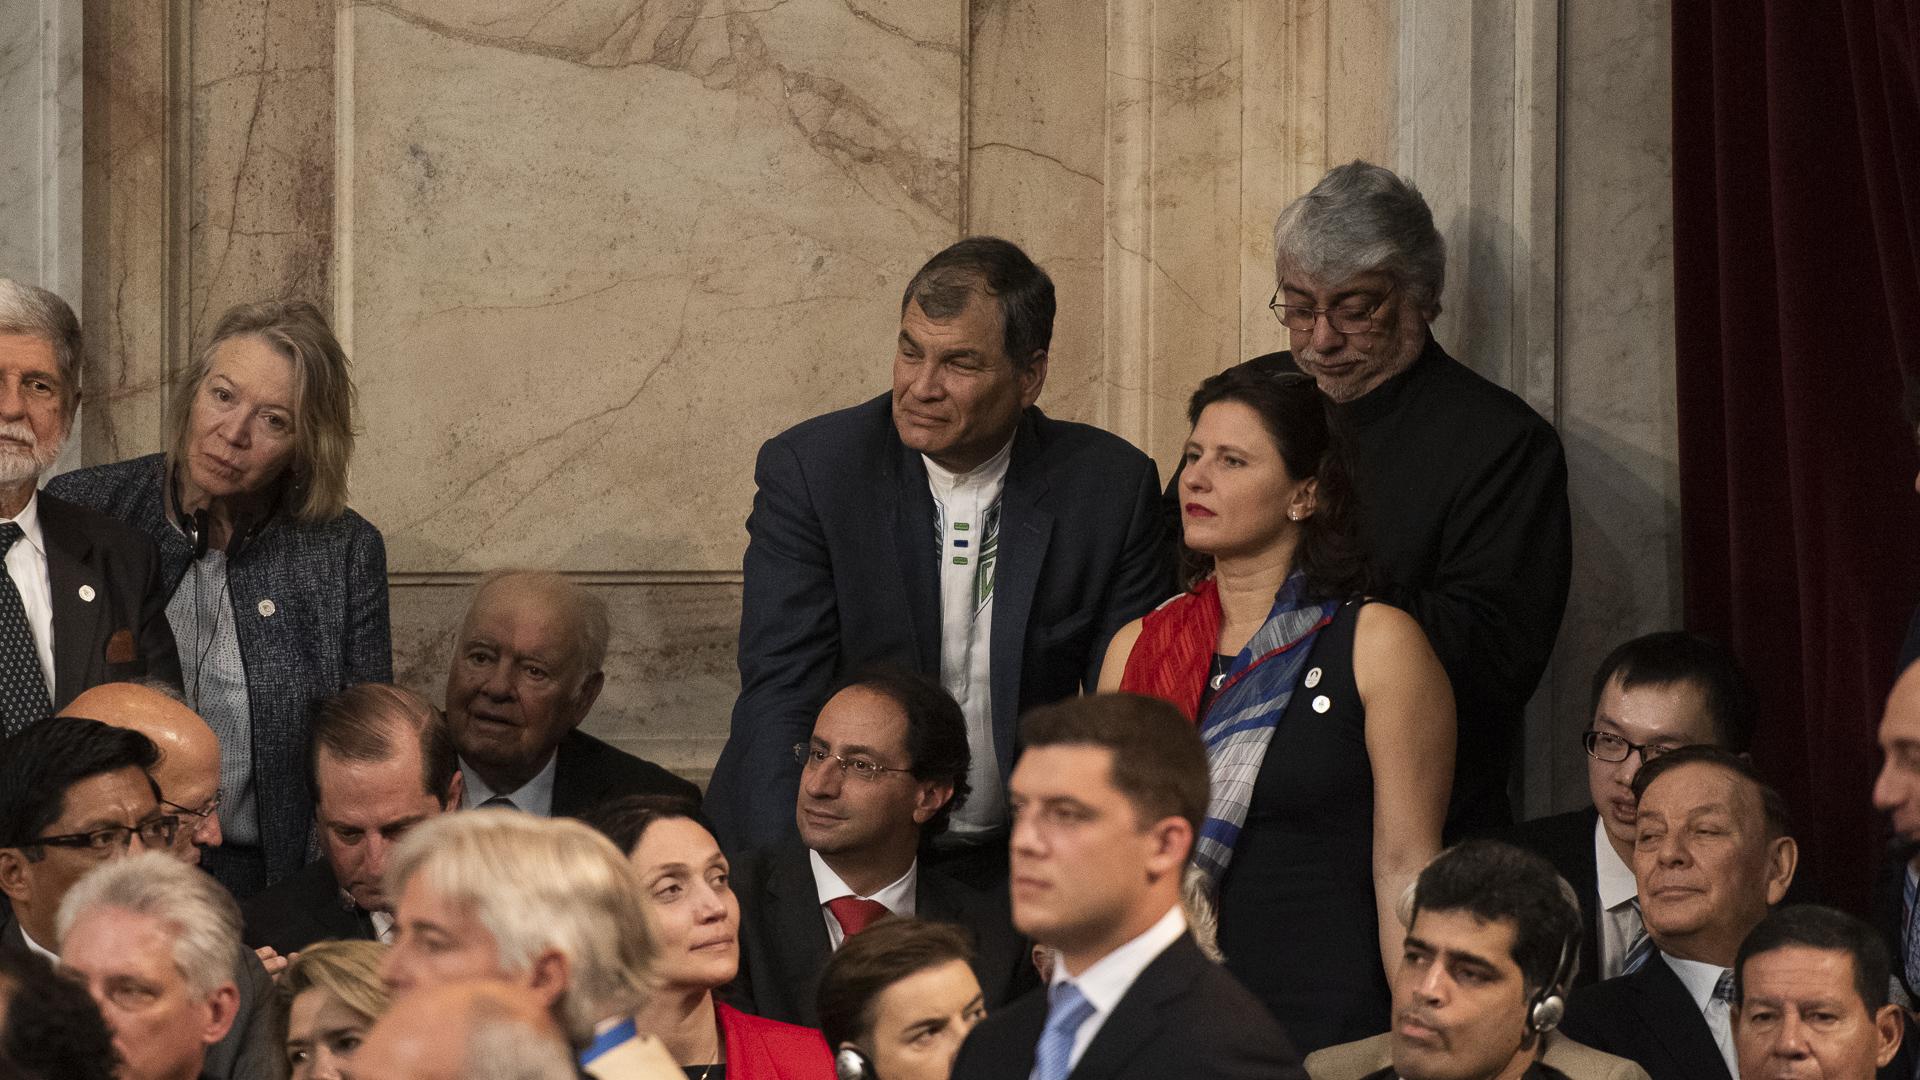 El ex presidente ecuatoriano Rafael Correa, uno de los líderes políticos de la región más cercanos a Cristina Kirchner, fue uno de los primeros protagonistas políticos de Latinoamérica en llegar al Congreso